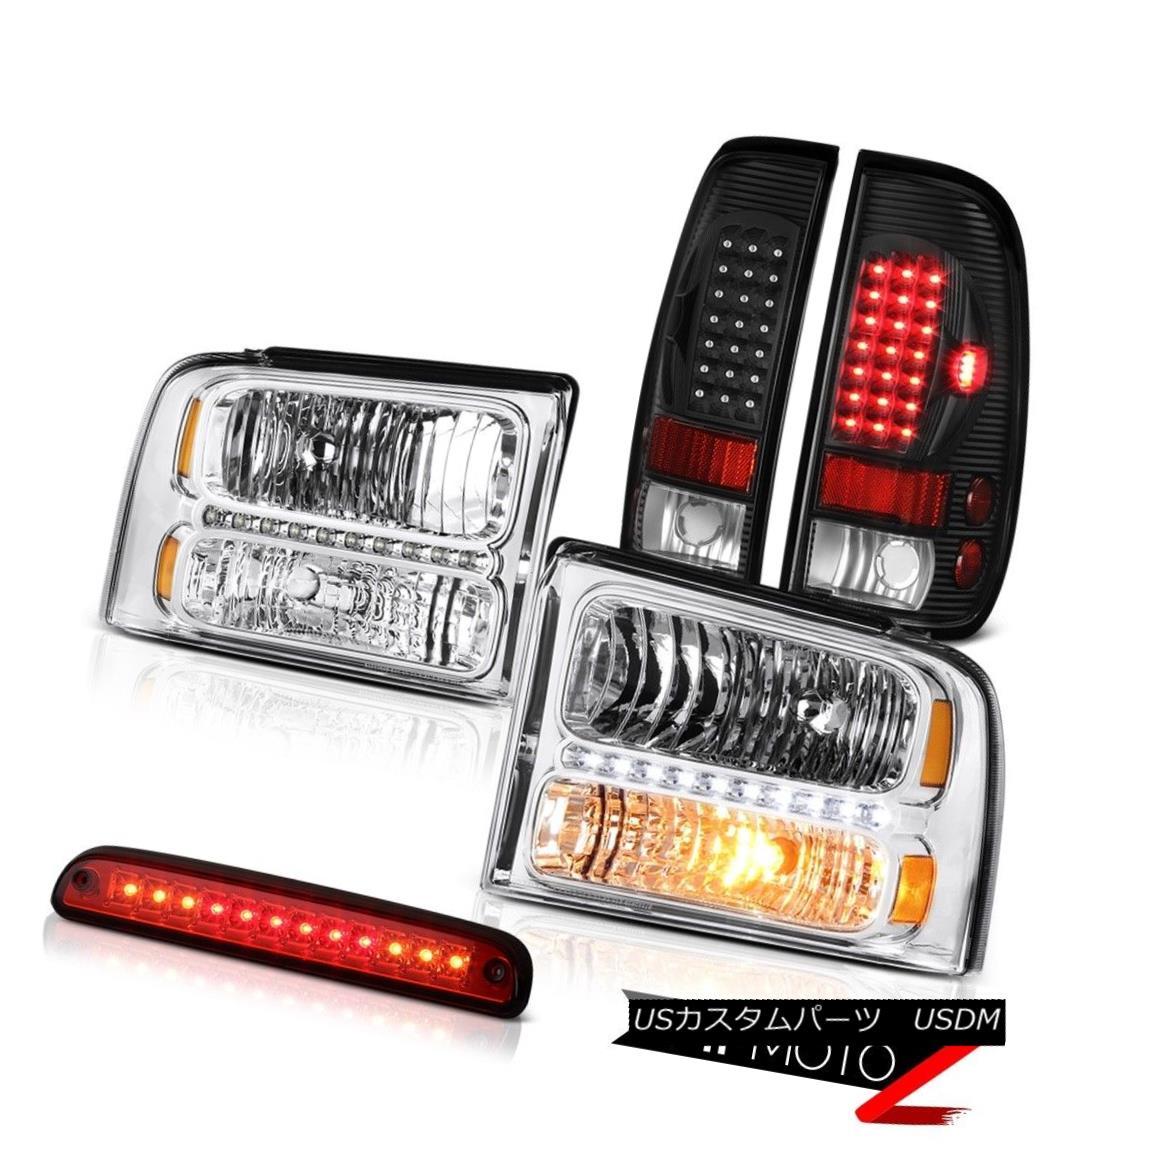 ヘッドライト 05-07 Ford F550 Crystal Clear Headlights Black LED Taillights Red Third Brake 05-07 Ford F550クリスタルクリアヘッドライトブラックLEDテールライトレッド第3ブレーキ